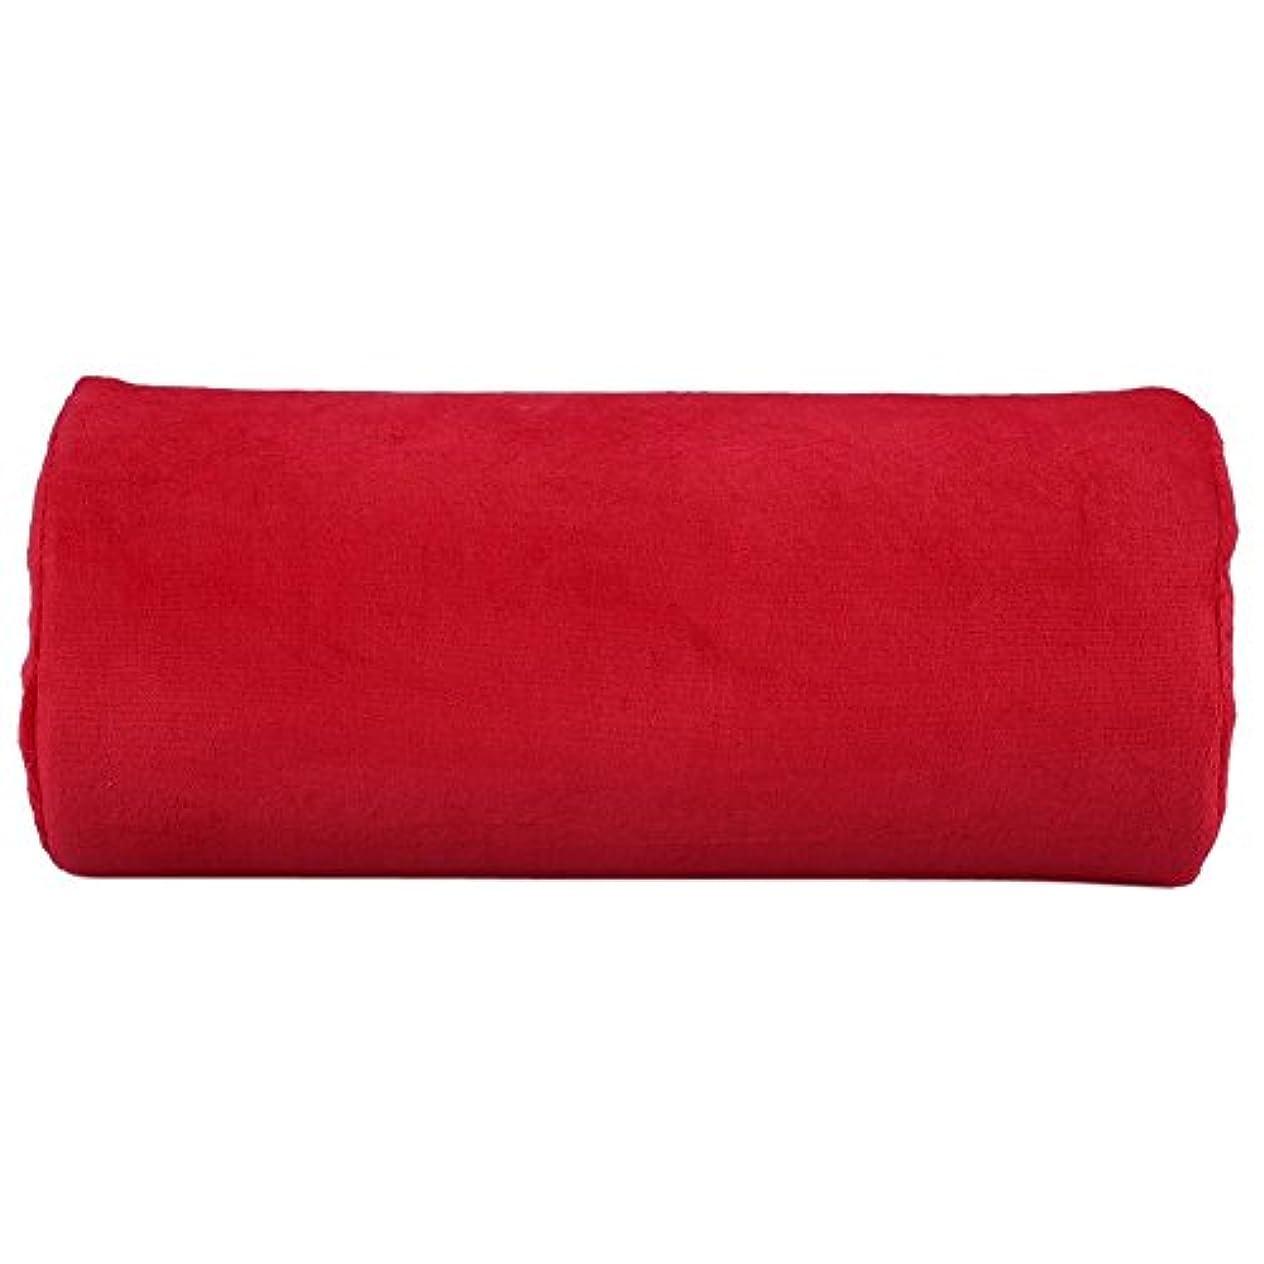 摘む気性インストールochunネイル用アームレスト アームレスト ネイル ハンドクッション 10色 サロン ハンドレストクッション 取り外し可能 洗える ネイルアートソフトスポンジ枕(05)